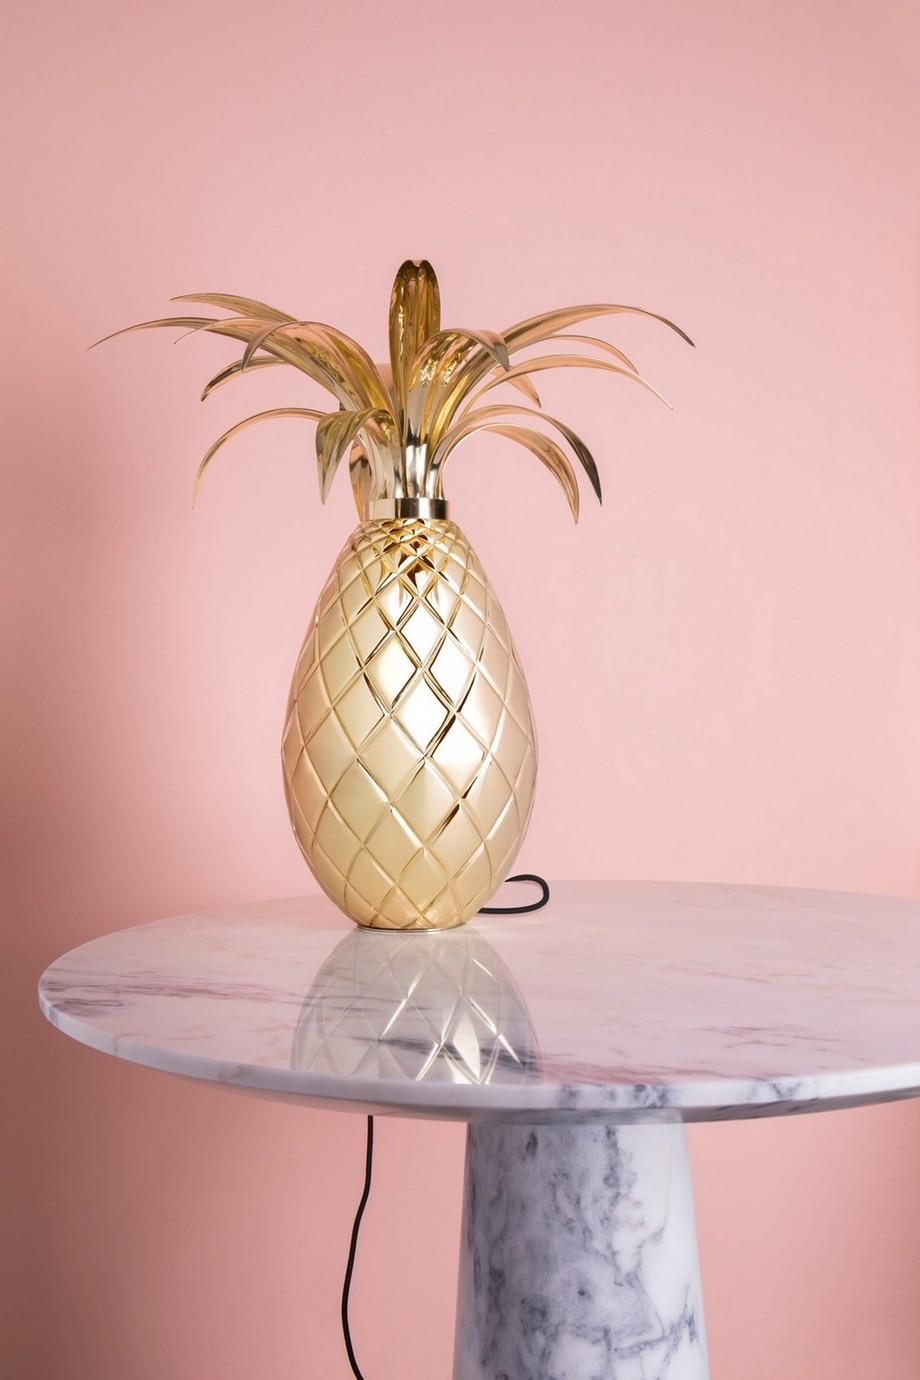 Ideas para Decorar: Accesorios Modernos para sala de estar de lujo ideas para decorar Ideas para Decorar: Accesorios Modernos para sala de estar de lujo miranda